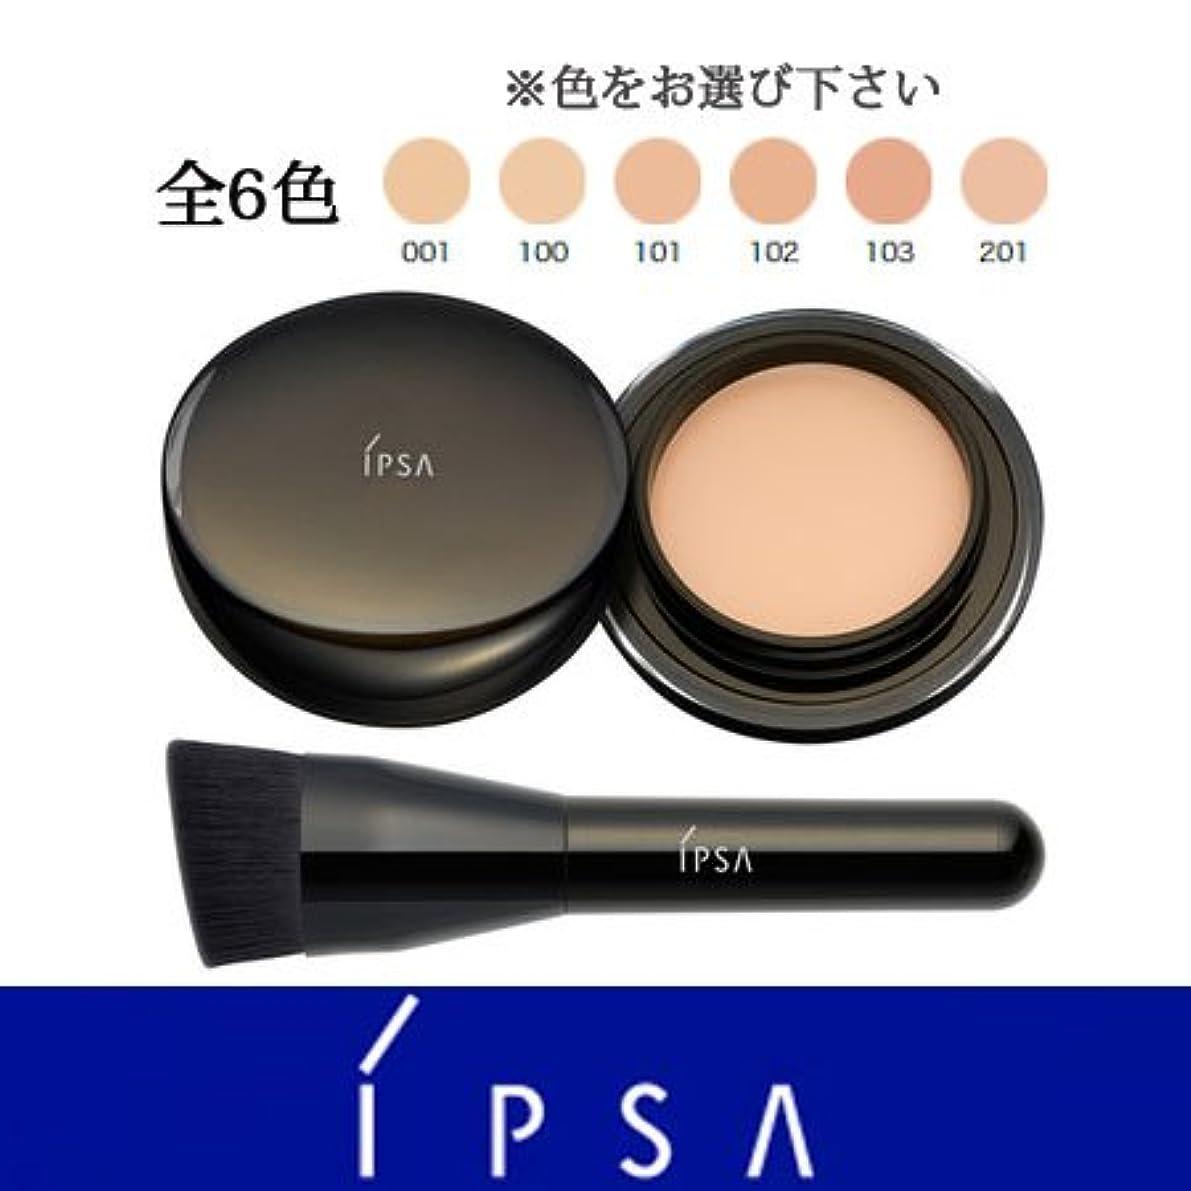 順応性のあるダイジェストひどくイプサ ファウンデイション アルティメイト 全6色 -IPSA- 102